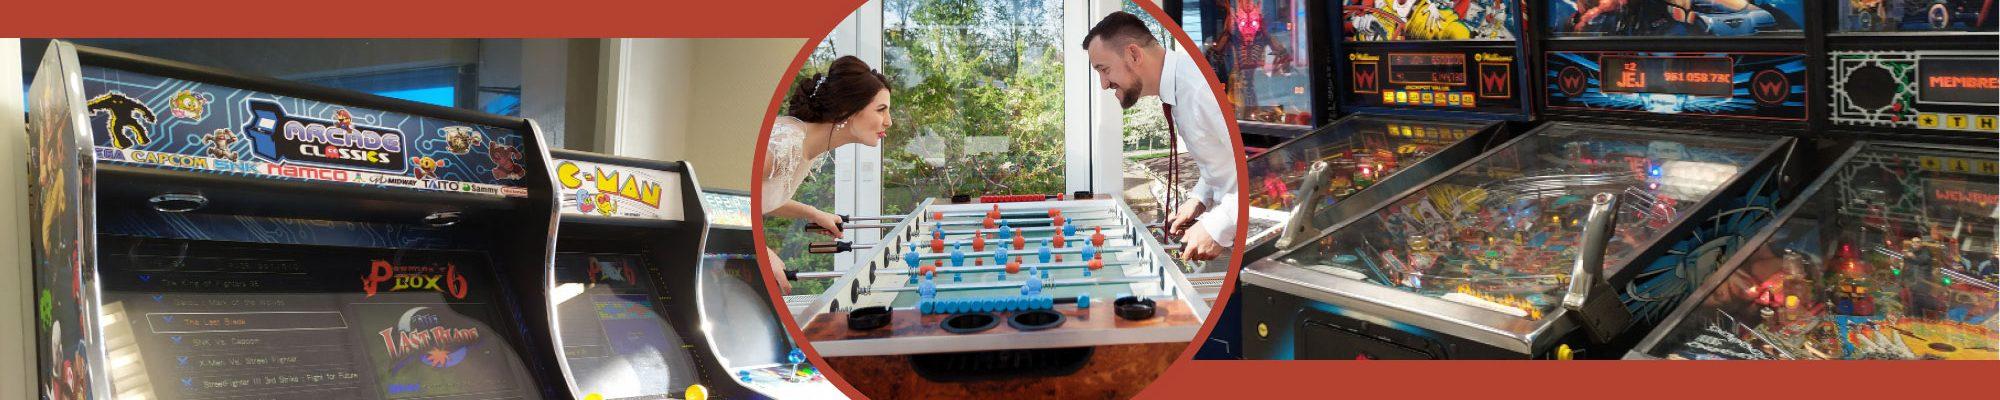 Location de jeux de café en Maine-et-Loire : flipper, arcade, babyfoot